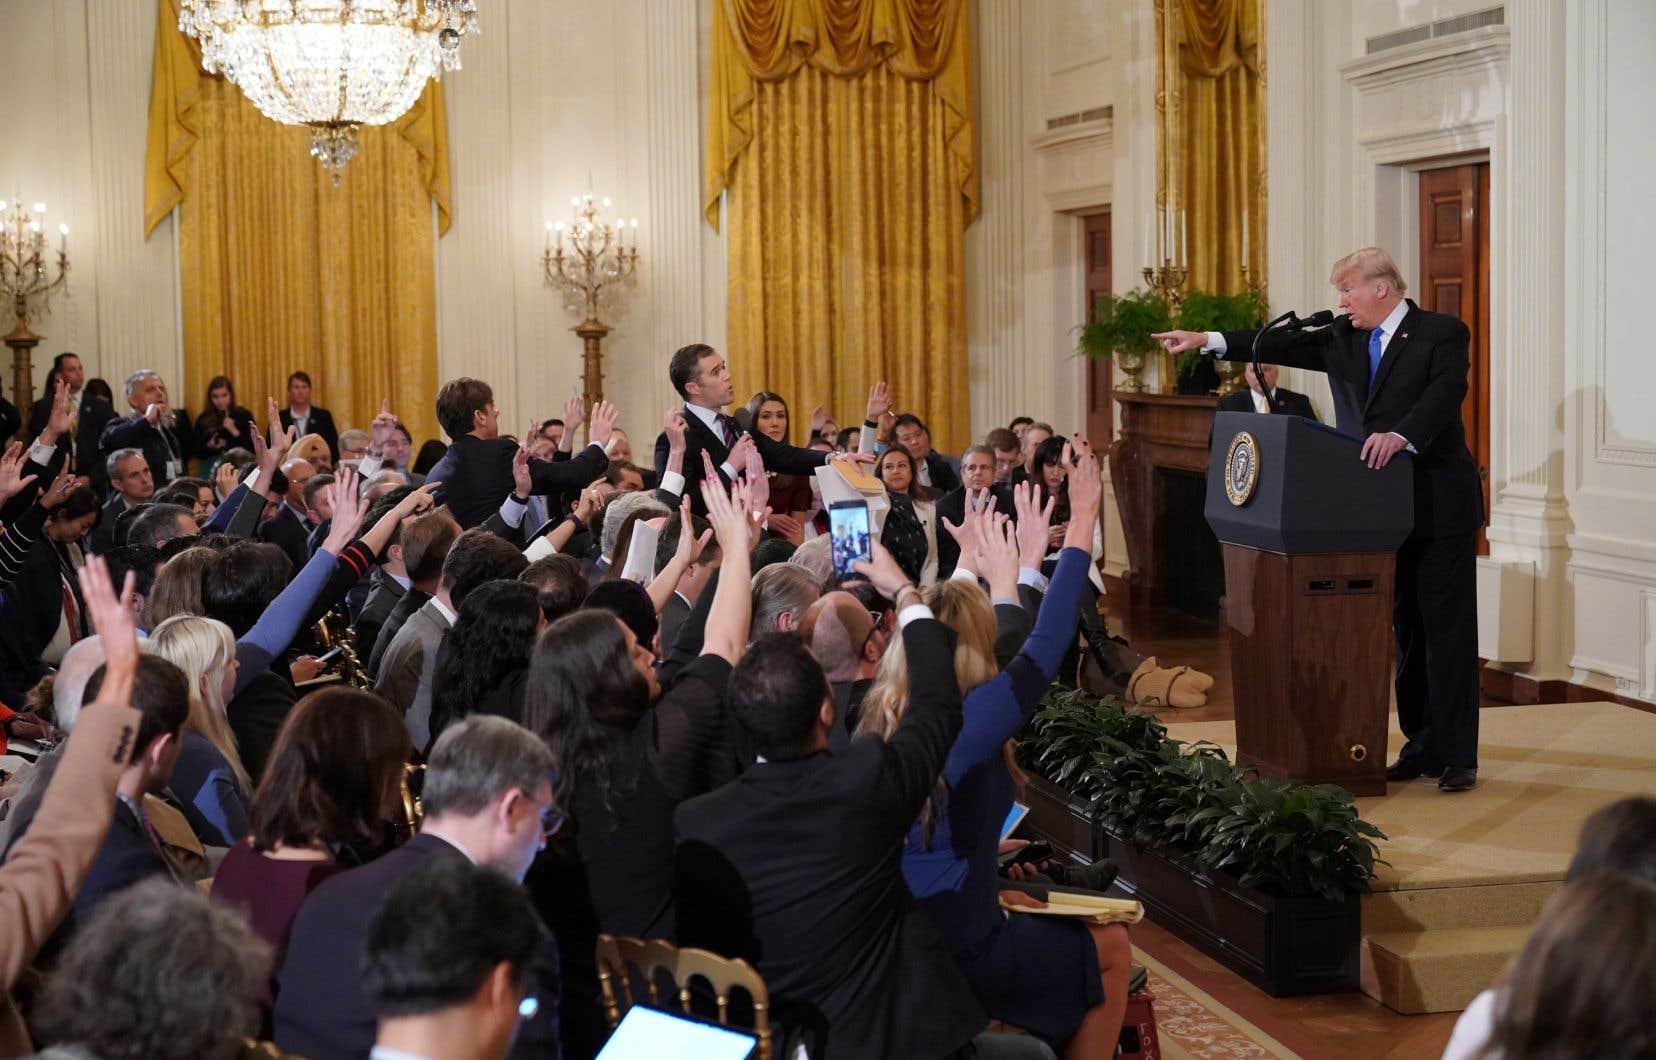 La Maison-Blanche avait affirmé que la décision n'était pas liée aux questions du reporter.